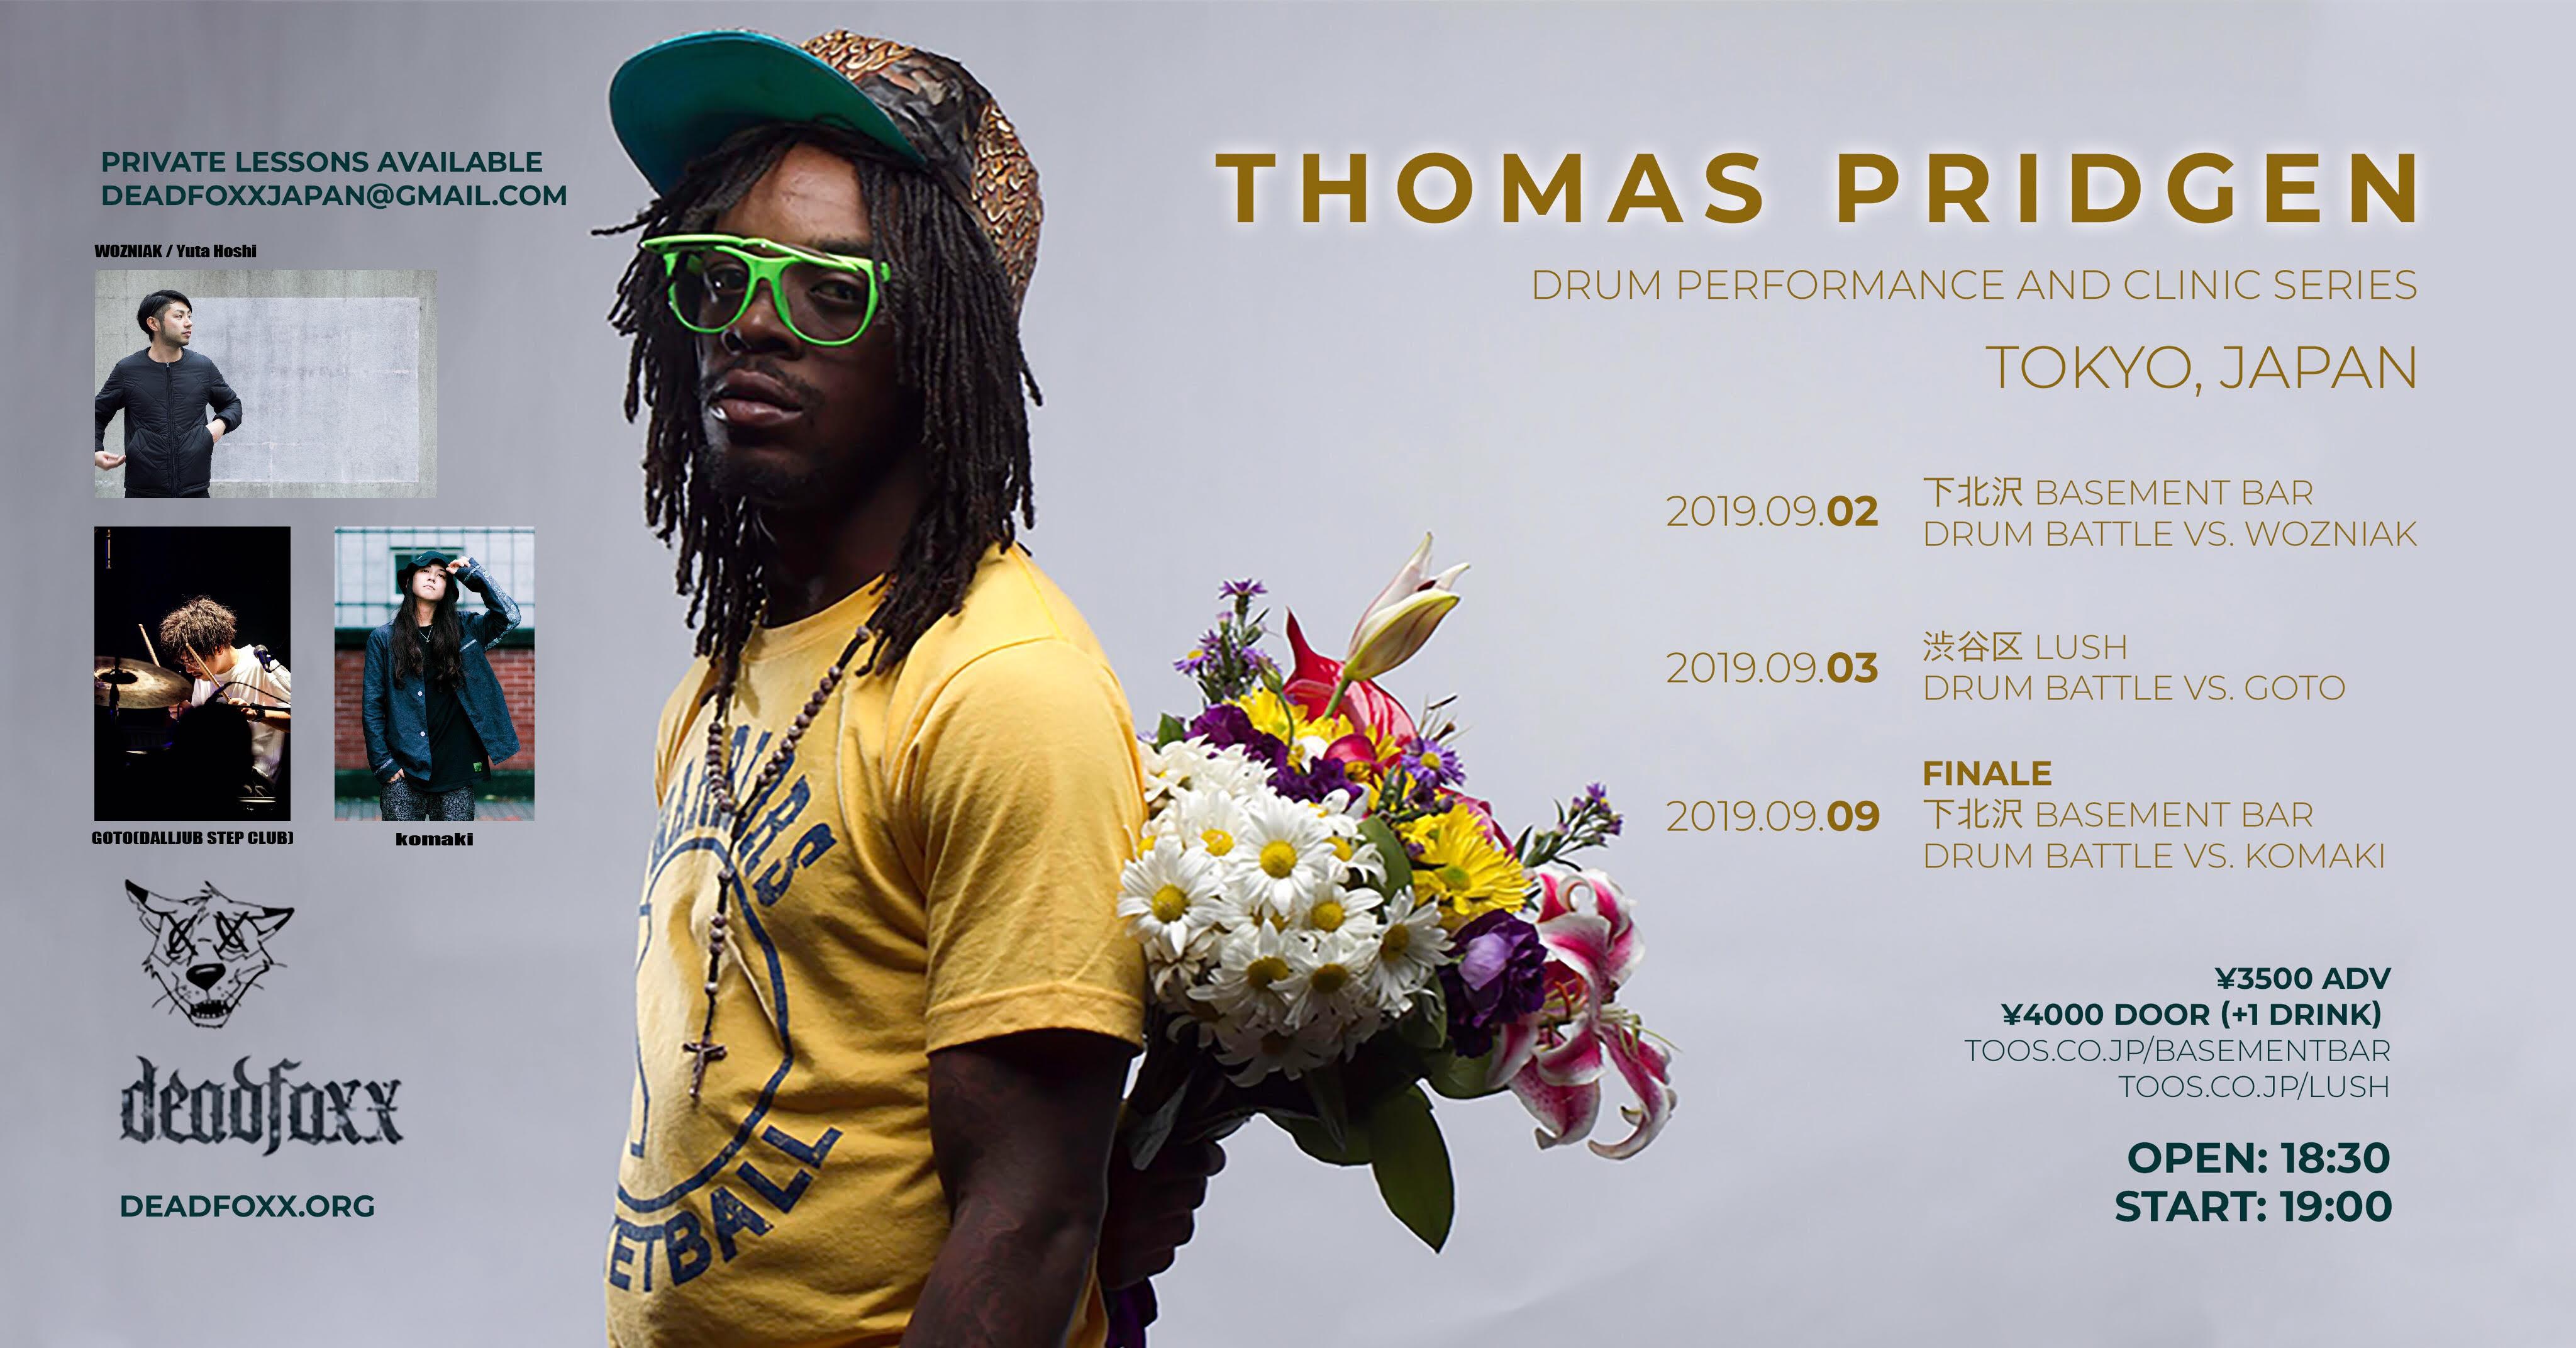 2019年9月9日(月)Thomas Pridgen Japan Tour FINAL@下北沢BASEMENT BAR